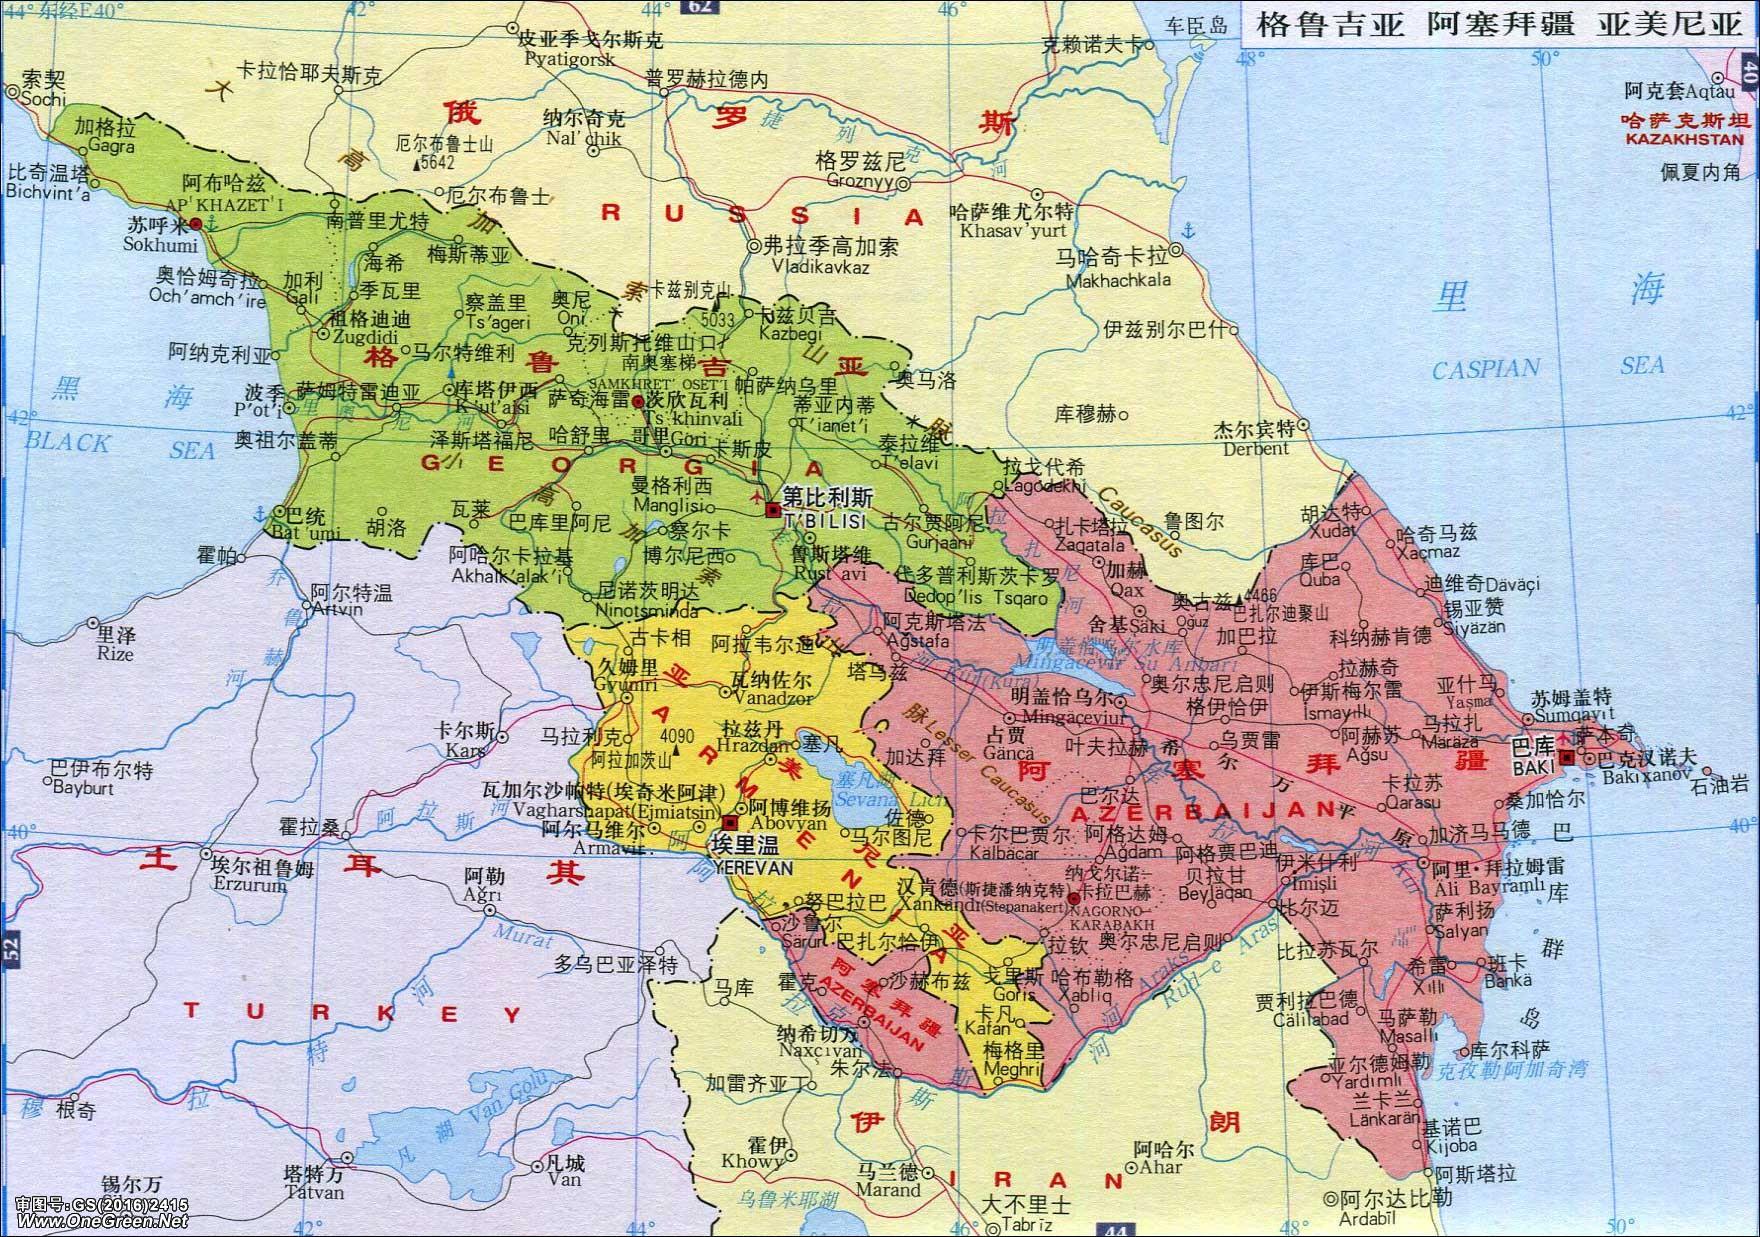 土耳其地图中文版_亚美尼亚新版地图_亚美尼亚地图库_地图窝